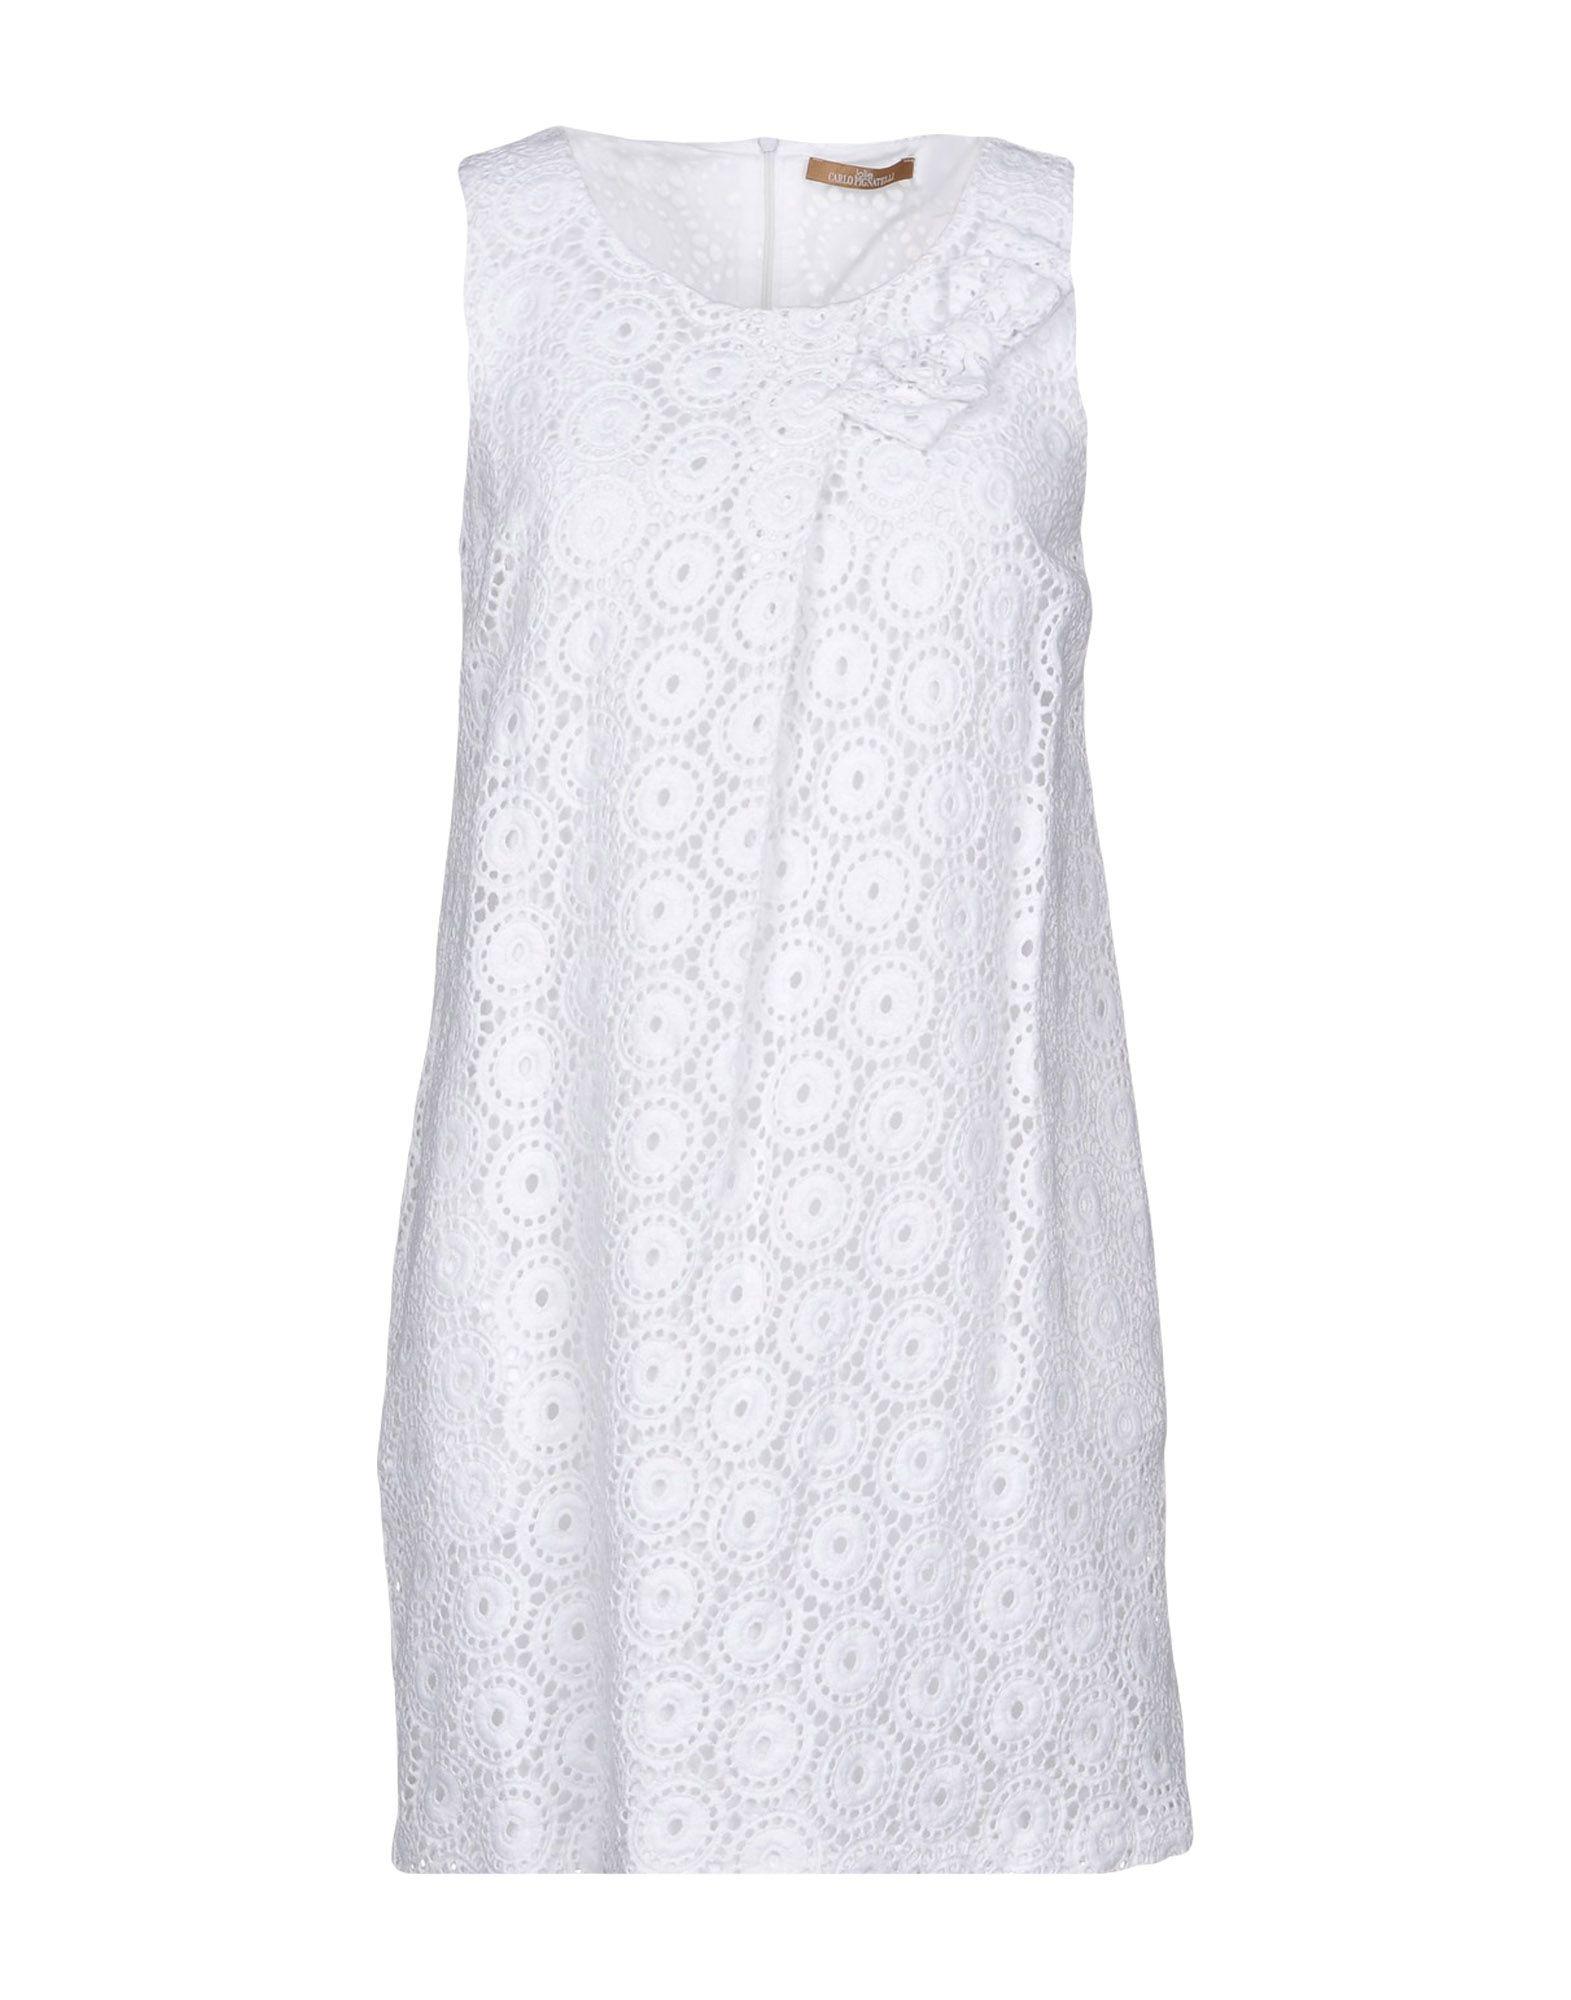 JOLIE CARLO PIGNATELLI Короткое платье jolie carlo pignatelli комплект